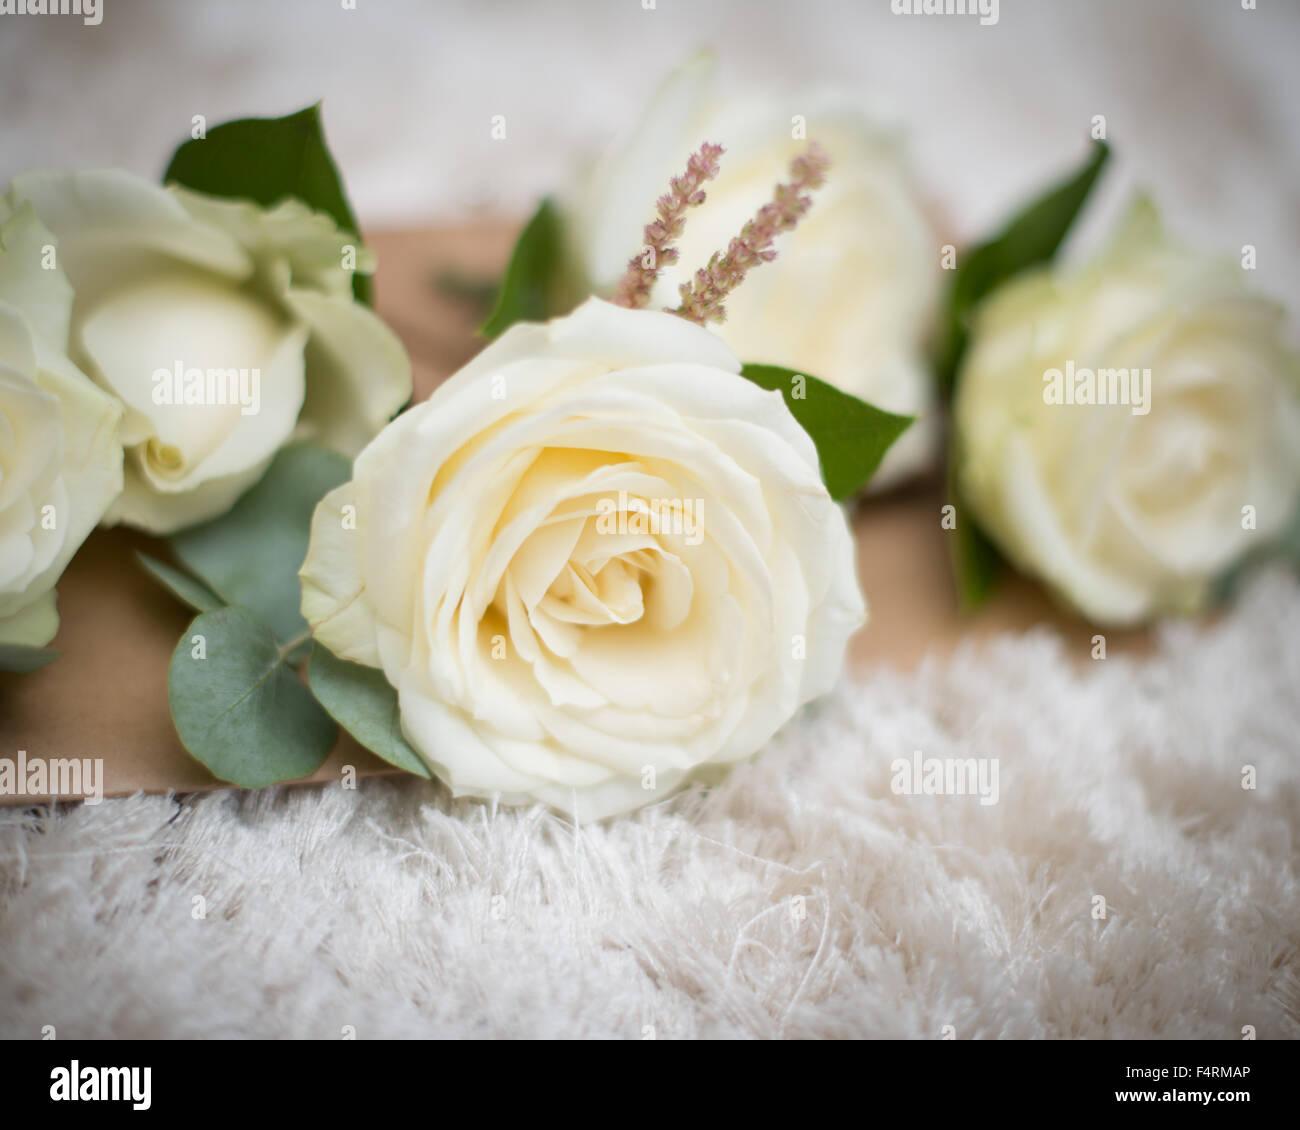 Corsage Taste Loch Creme Rose Mit Grunem Laub Fur Hochzeit Stockfoto